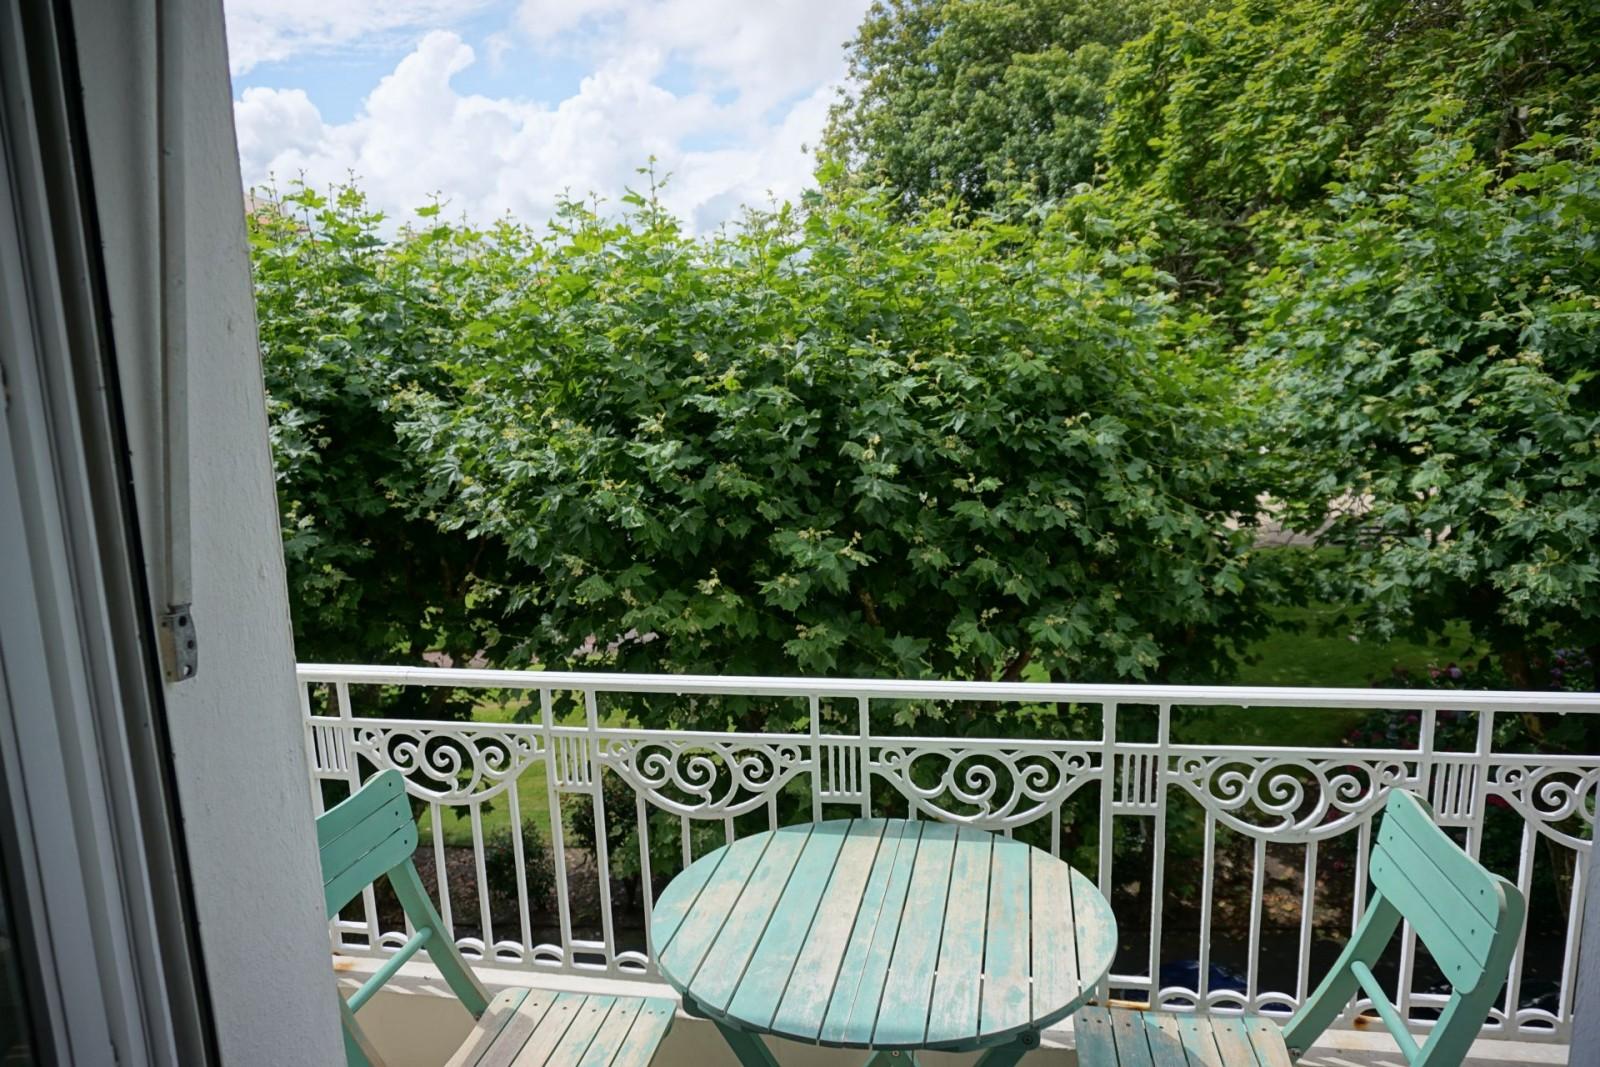 vue degagee sur le jardin public agence olaizola location saisonni re de vacances biarritz. Black Bedroom Furniture Sets. Home Design Ideas